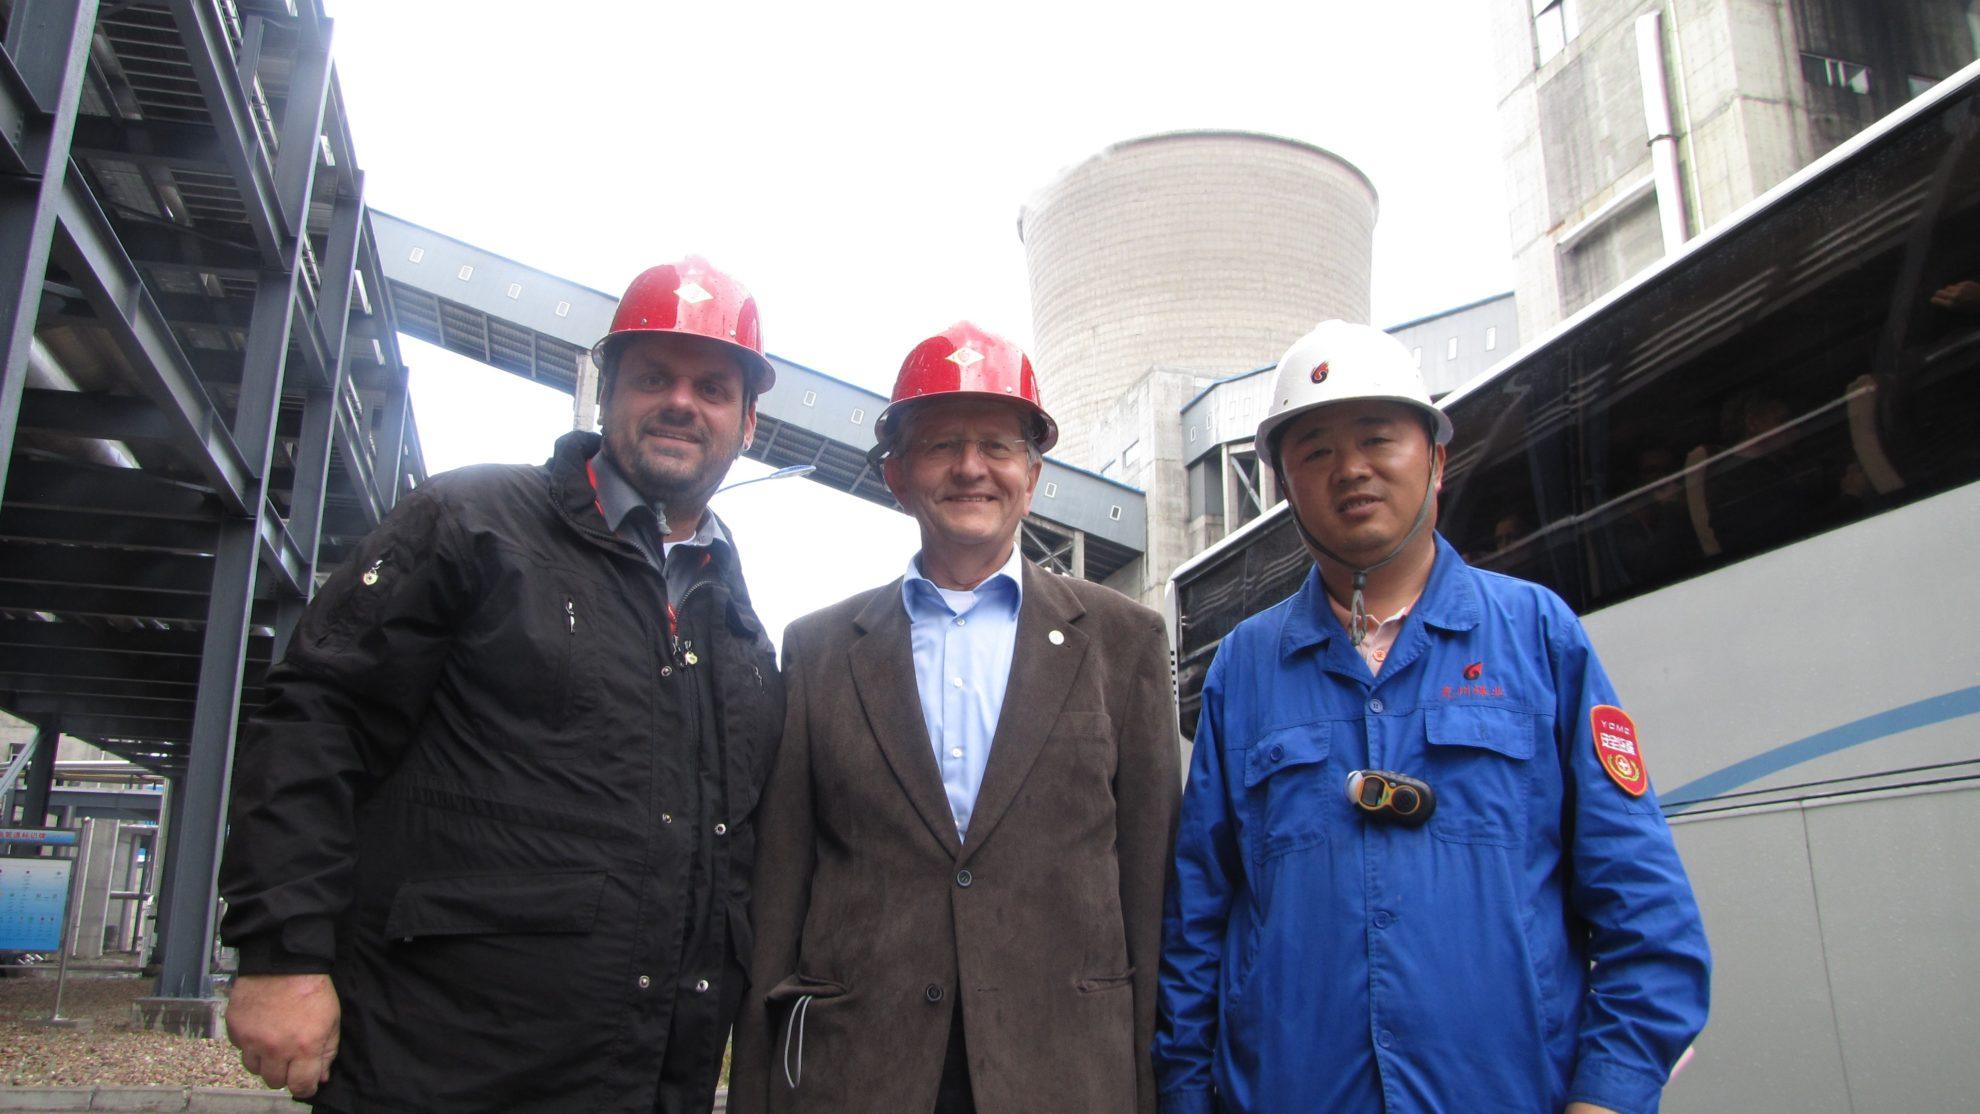 Besuch der Rongxin Synthesegasanlage in der Inneren Mongolei (China) im Rahmen der Internationalen Freiberg Conference 2015 durch Prof. Bernd Meyer von der TU Bergakademie Freiberg und Guido van den Berg MdL